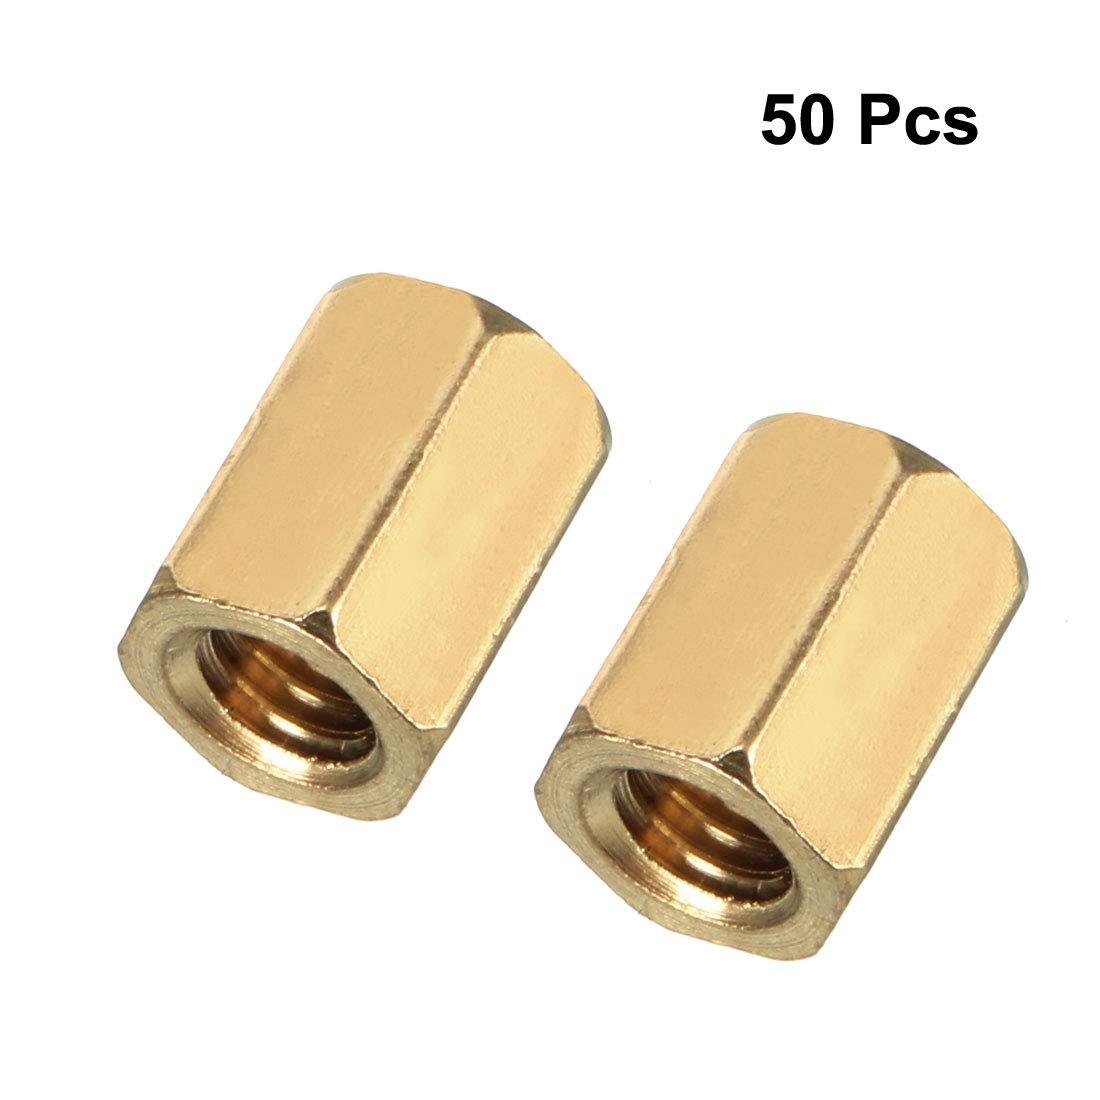 10pcs m3x6mm macho a rosca hexagonal enfrentamiento espaciador de 10 mm de largo del cuerpo femenino Sourcingmap